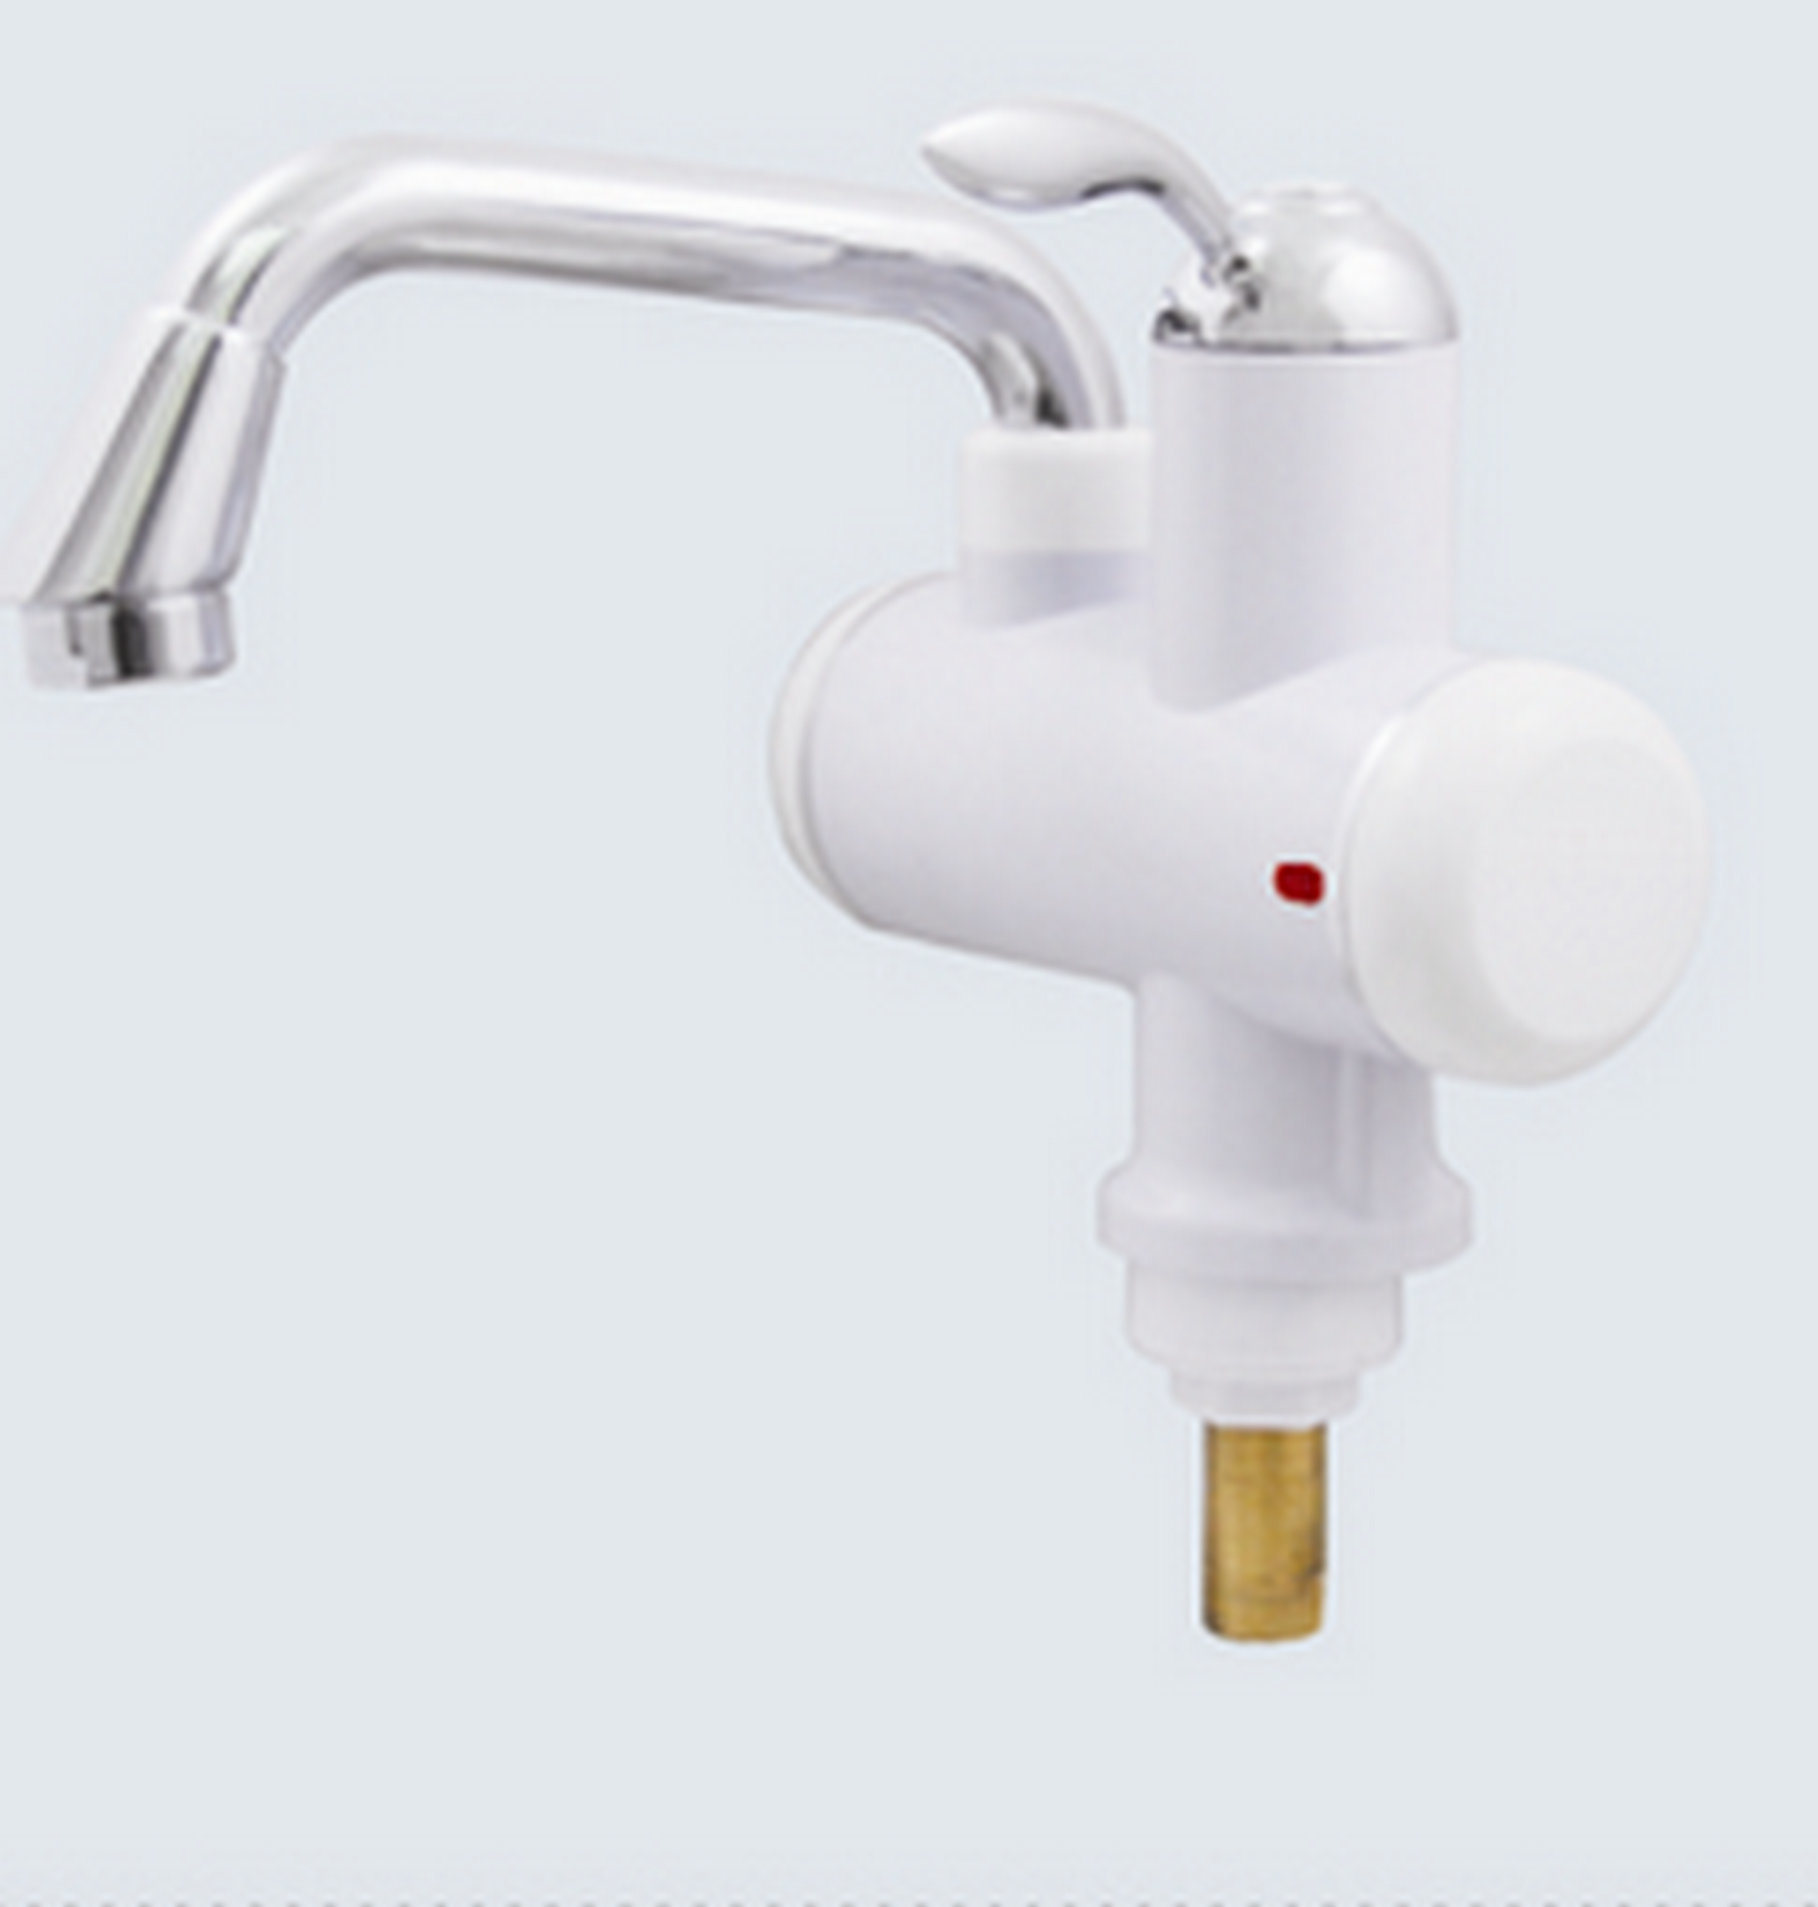 Prix groupe de s curit chauffe eau groupe s curit chauffe eau sur enperdre - Chauffe eau ne fonctionne pas en automatique ...